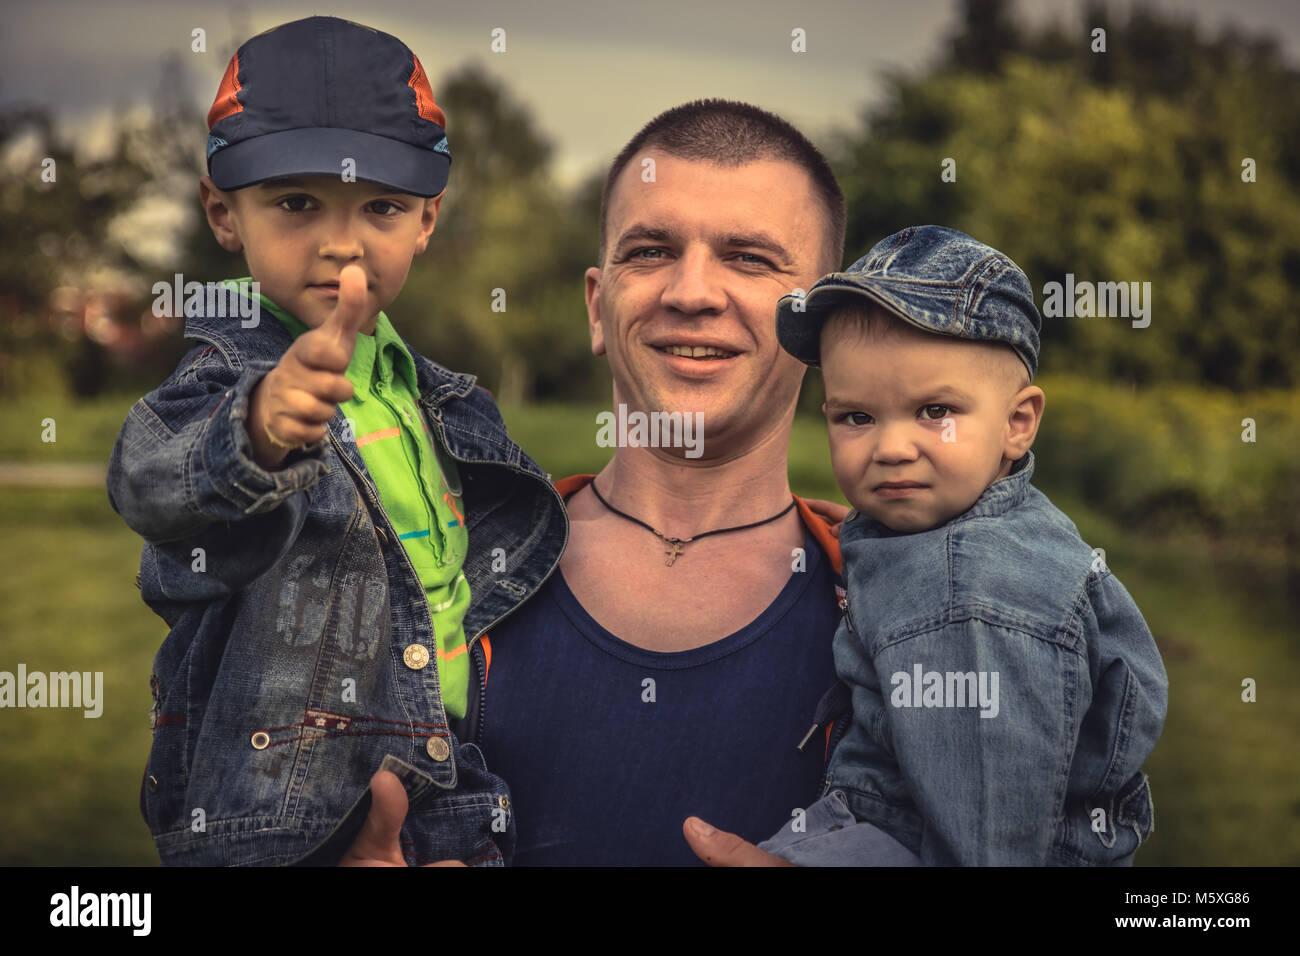 Padre maschile figli lo stile di vita della famiglia ritratto concetto felice il congedo di paternità Immagini Stock